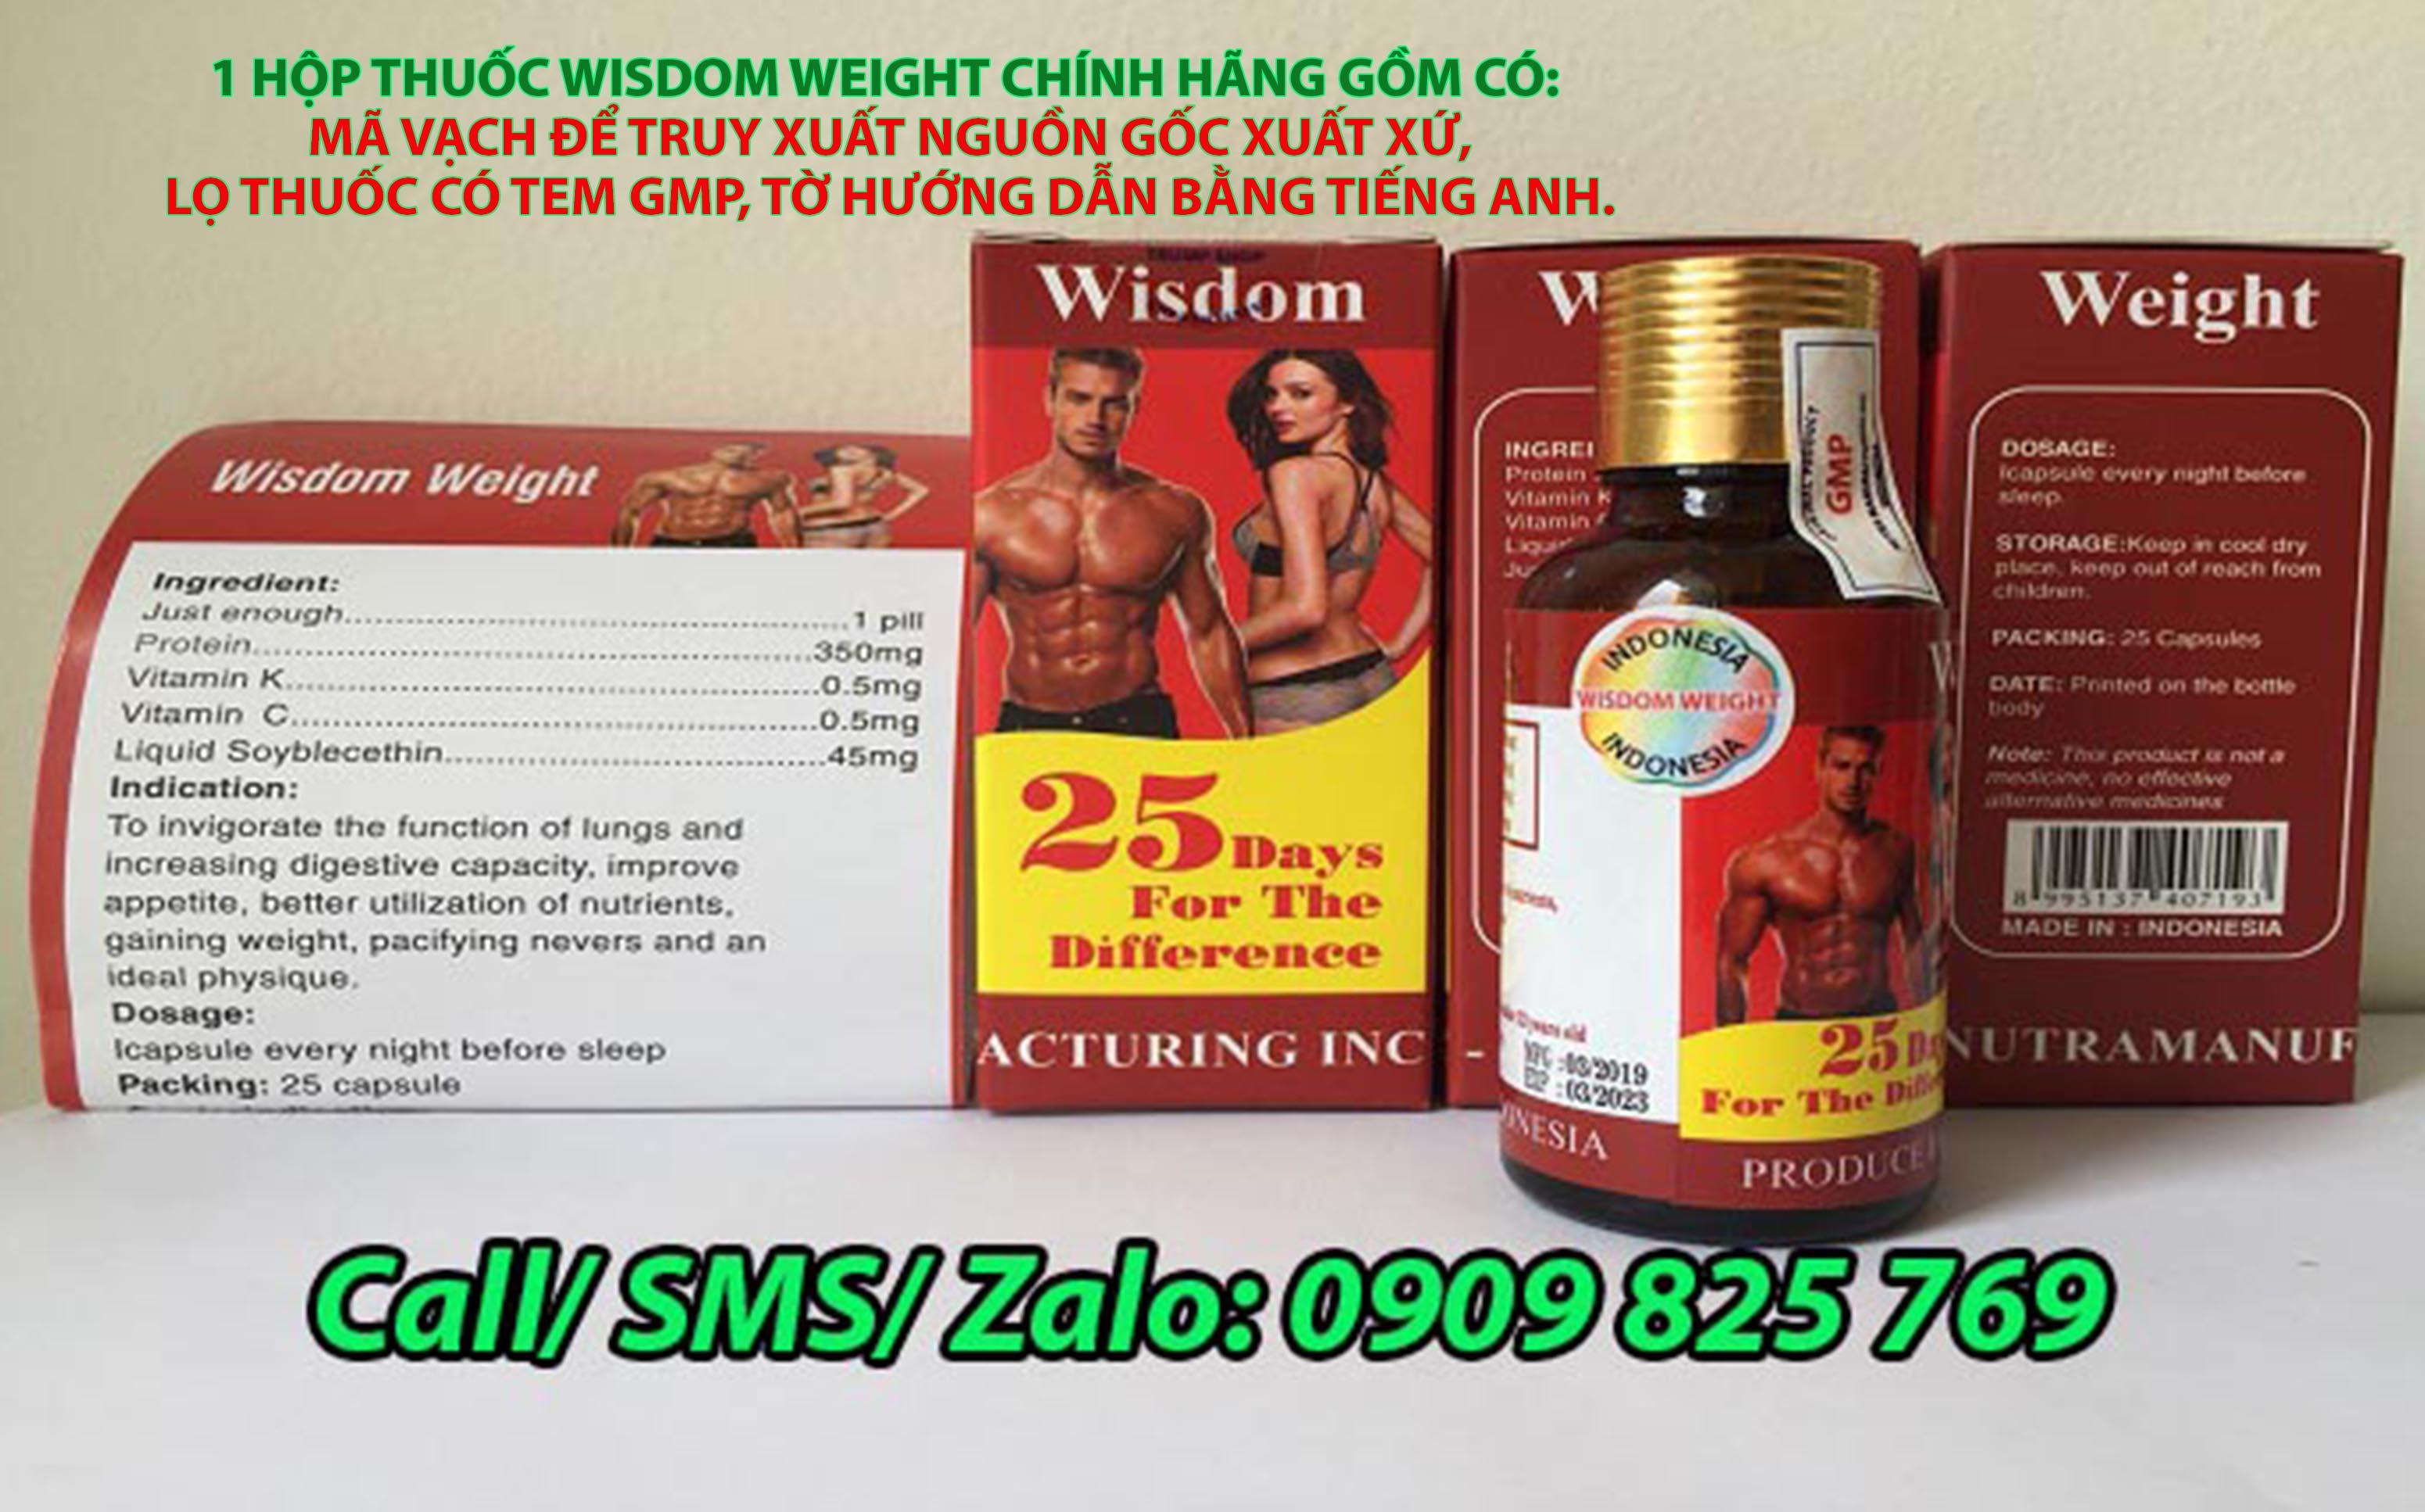 Wisdom Weight chính hãng 100% Indonesia